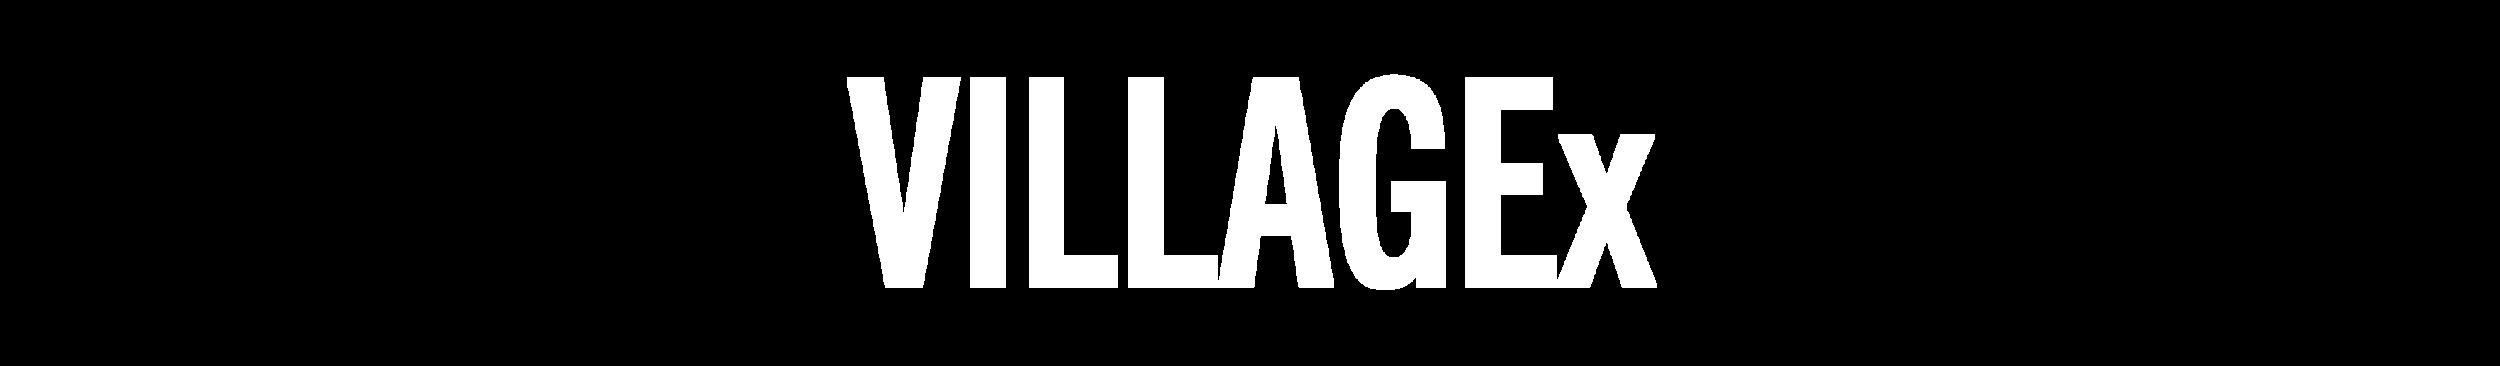 VILLAGEx-Header.png